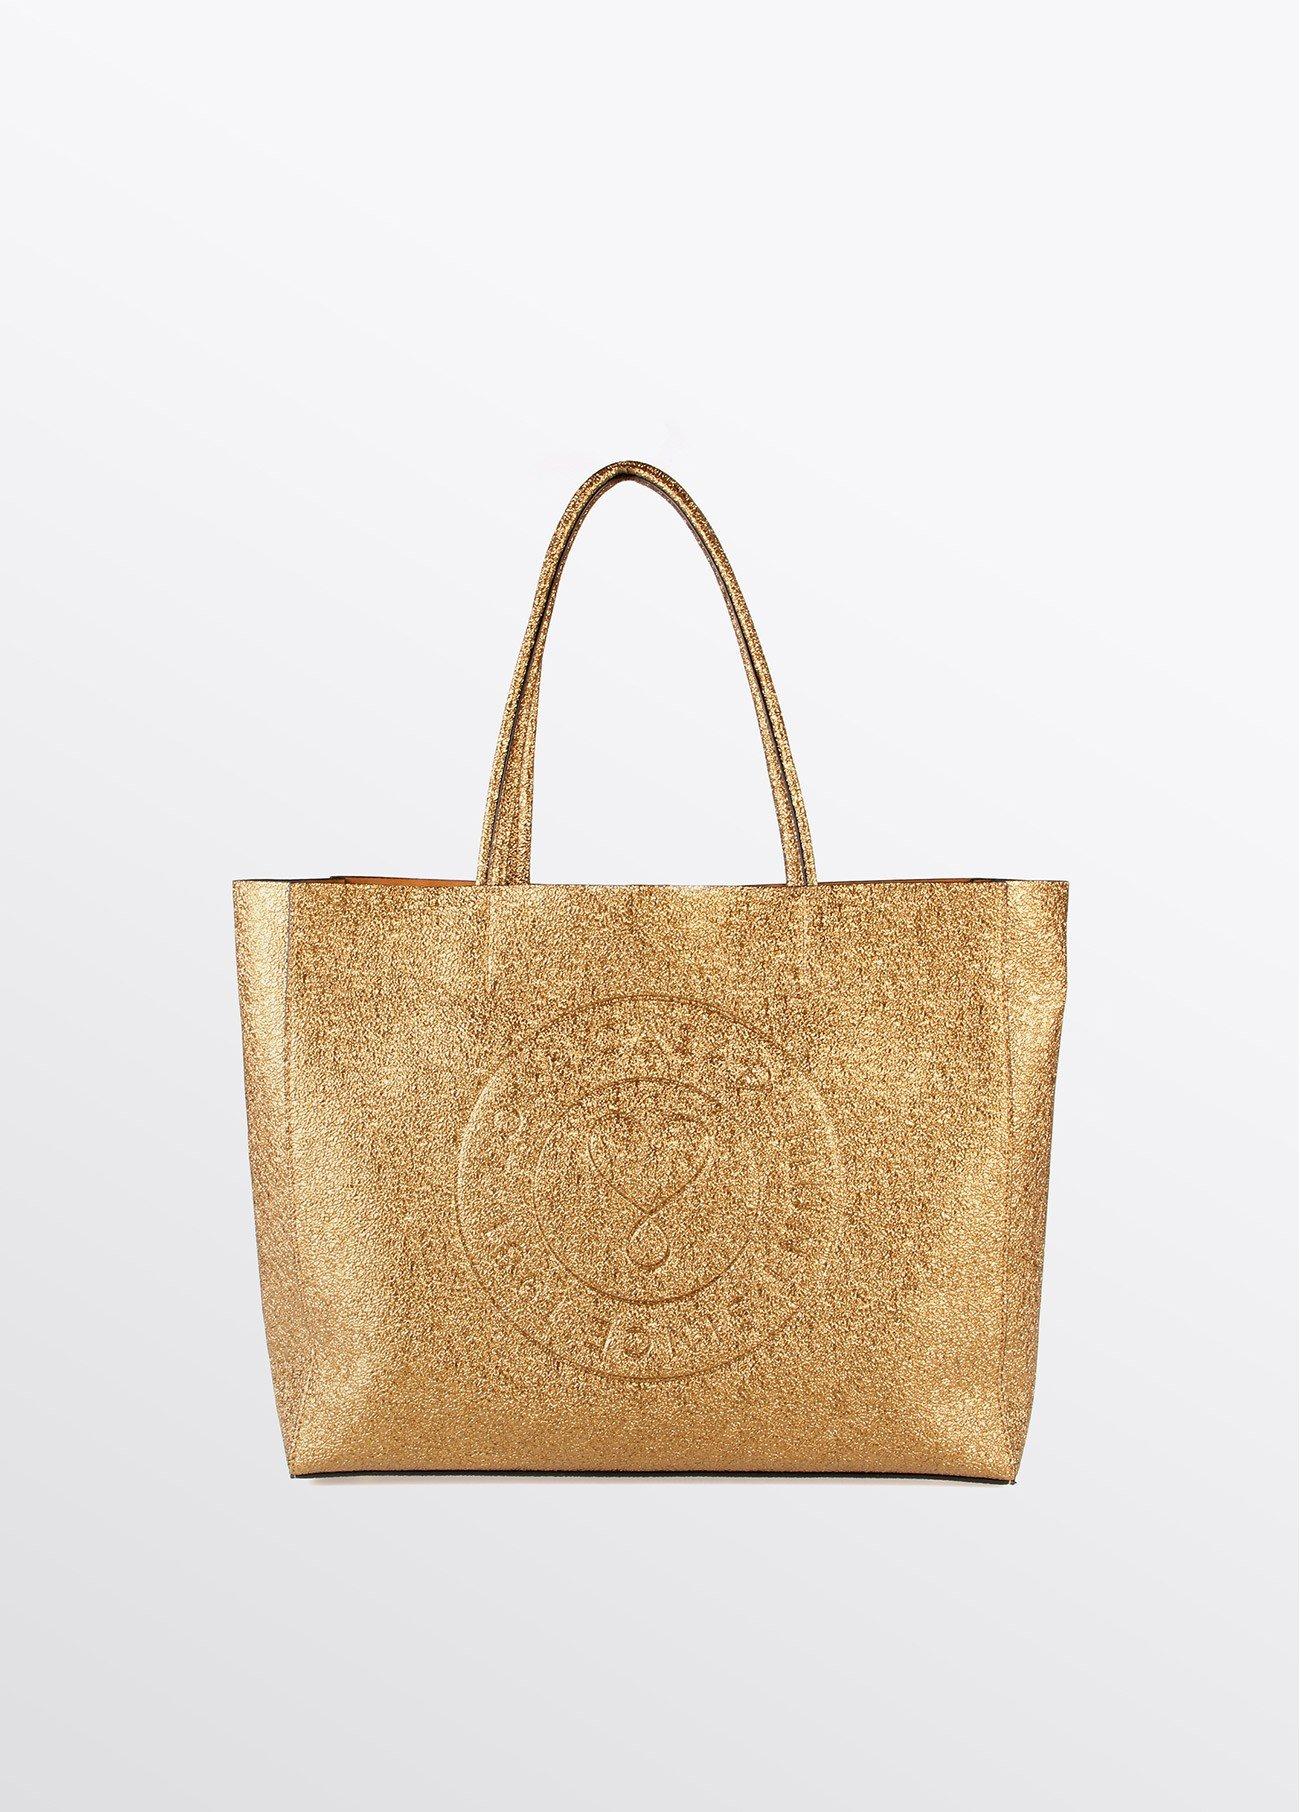 Bolso shopper brillante, marino, dorado 2